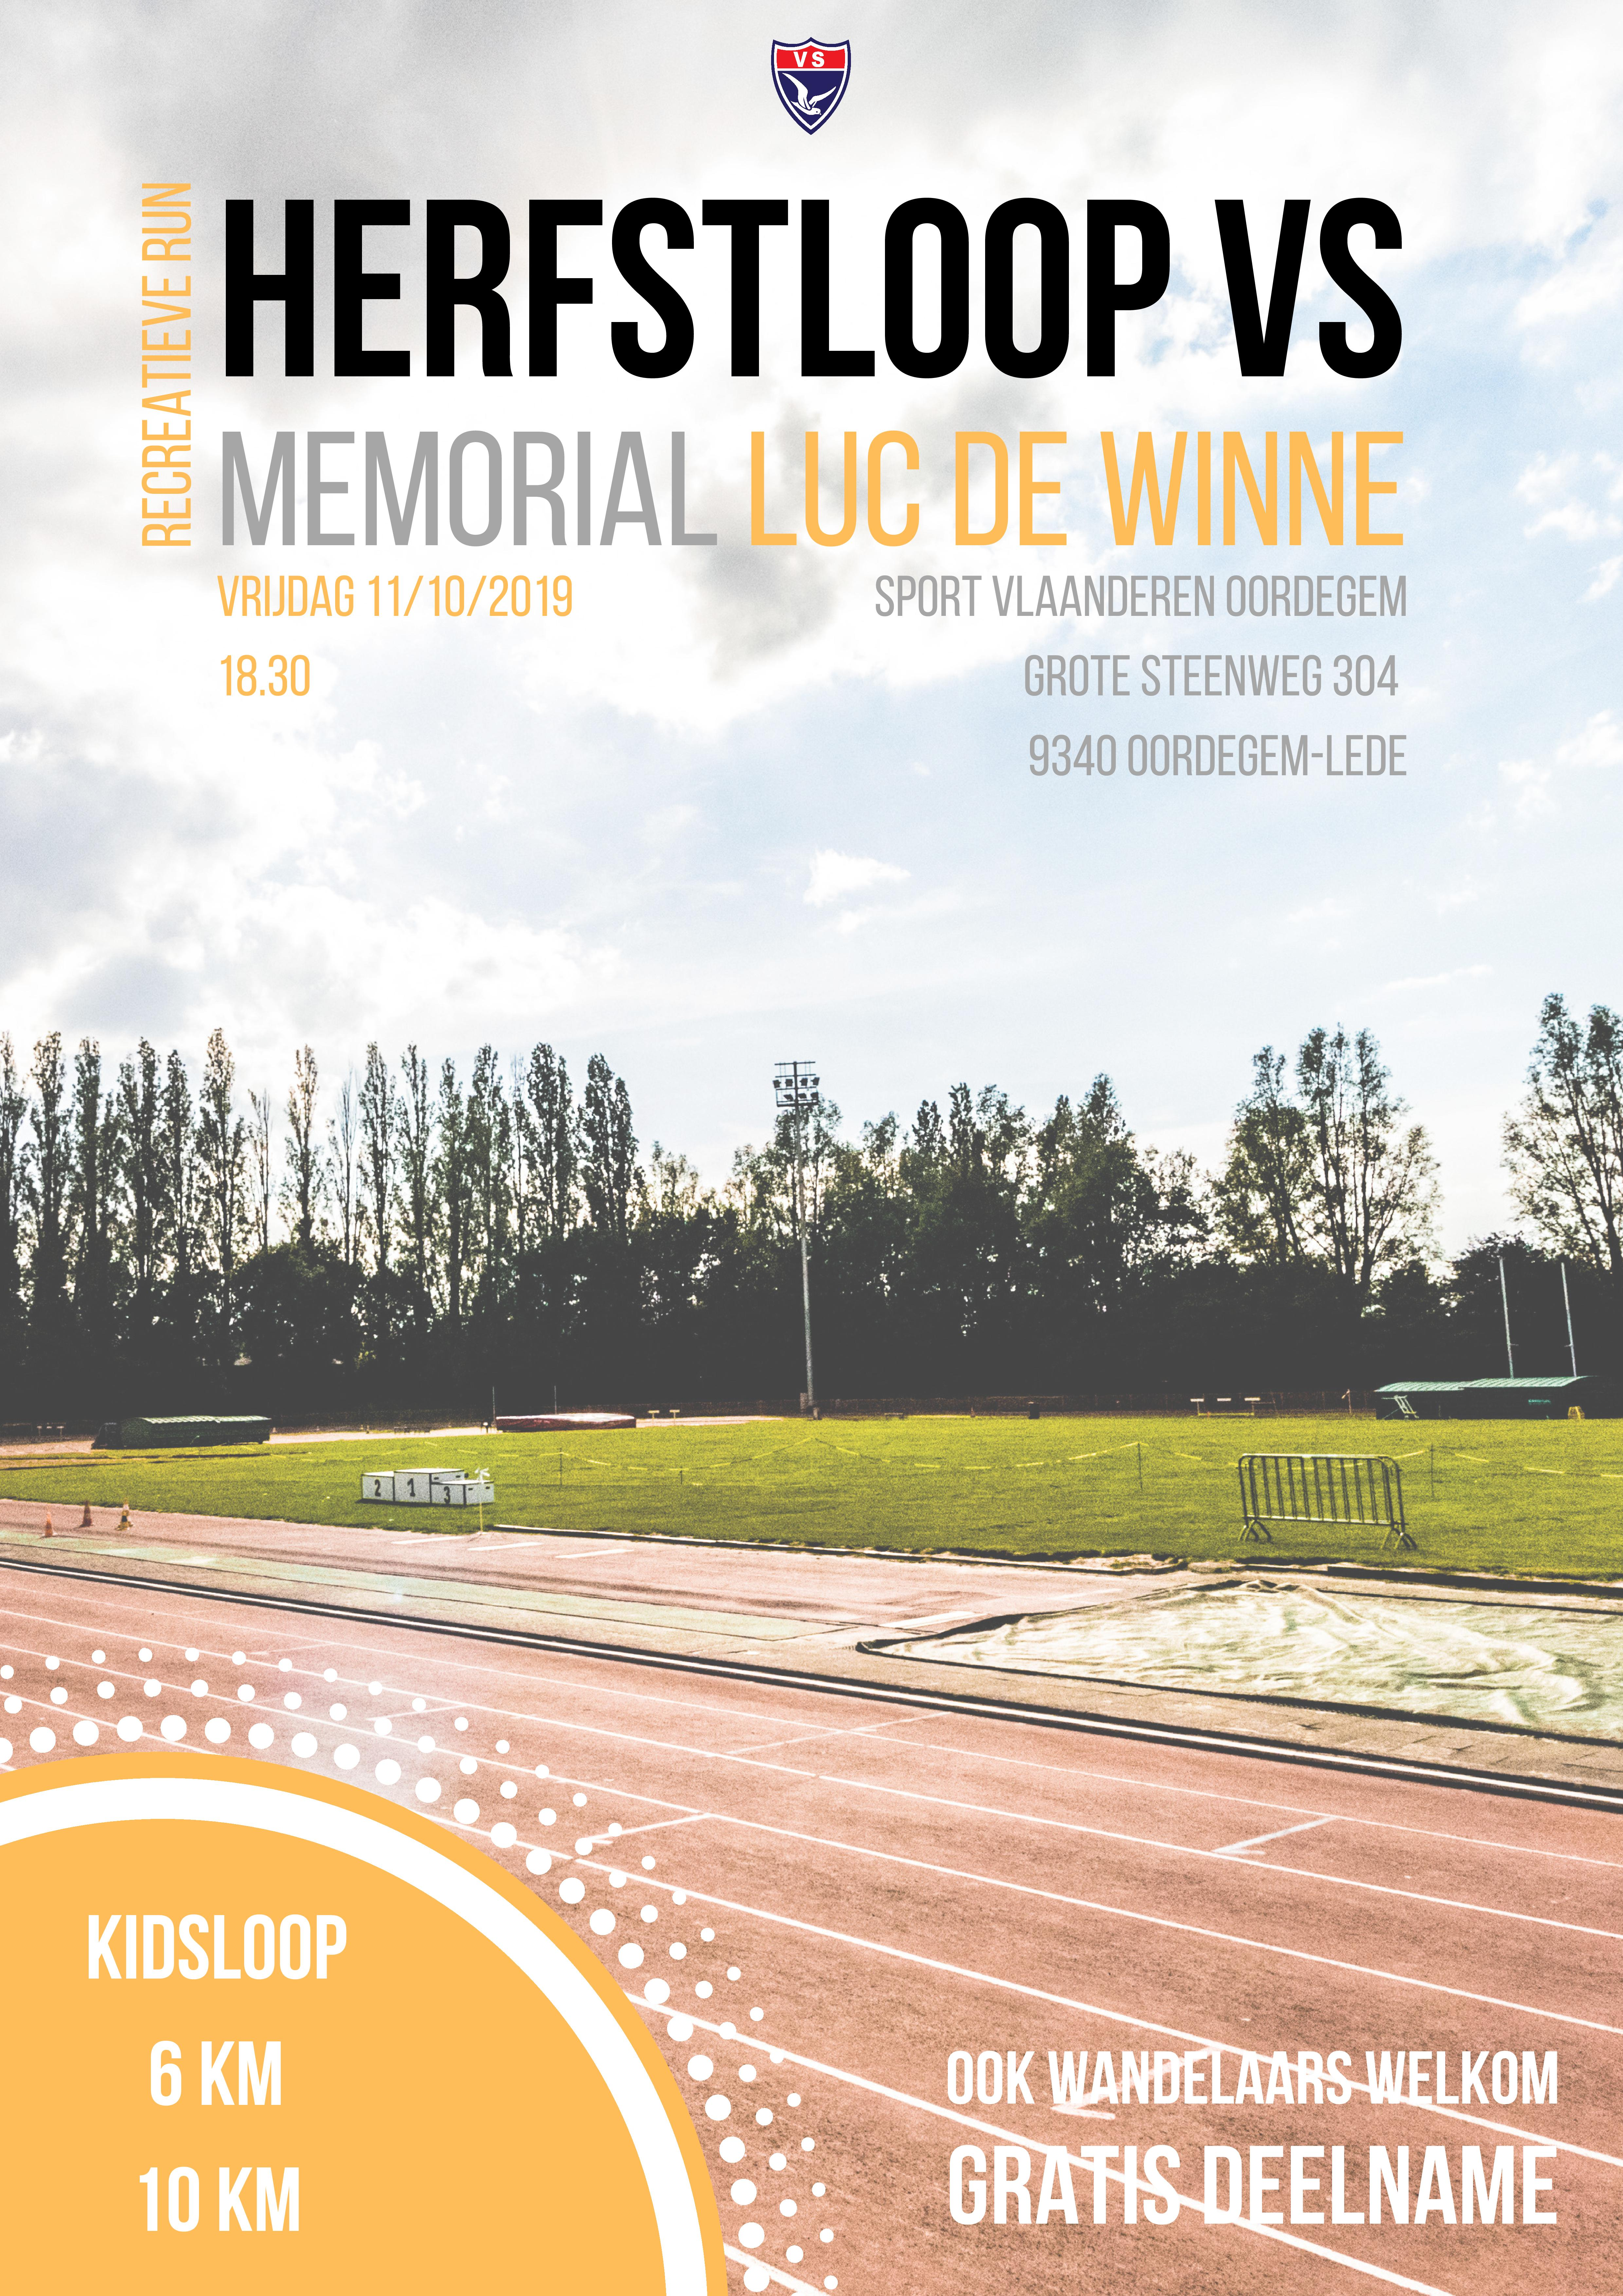 HERFSTLOOP VS-page-001